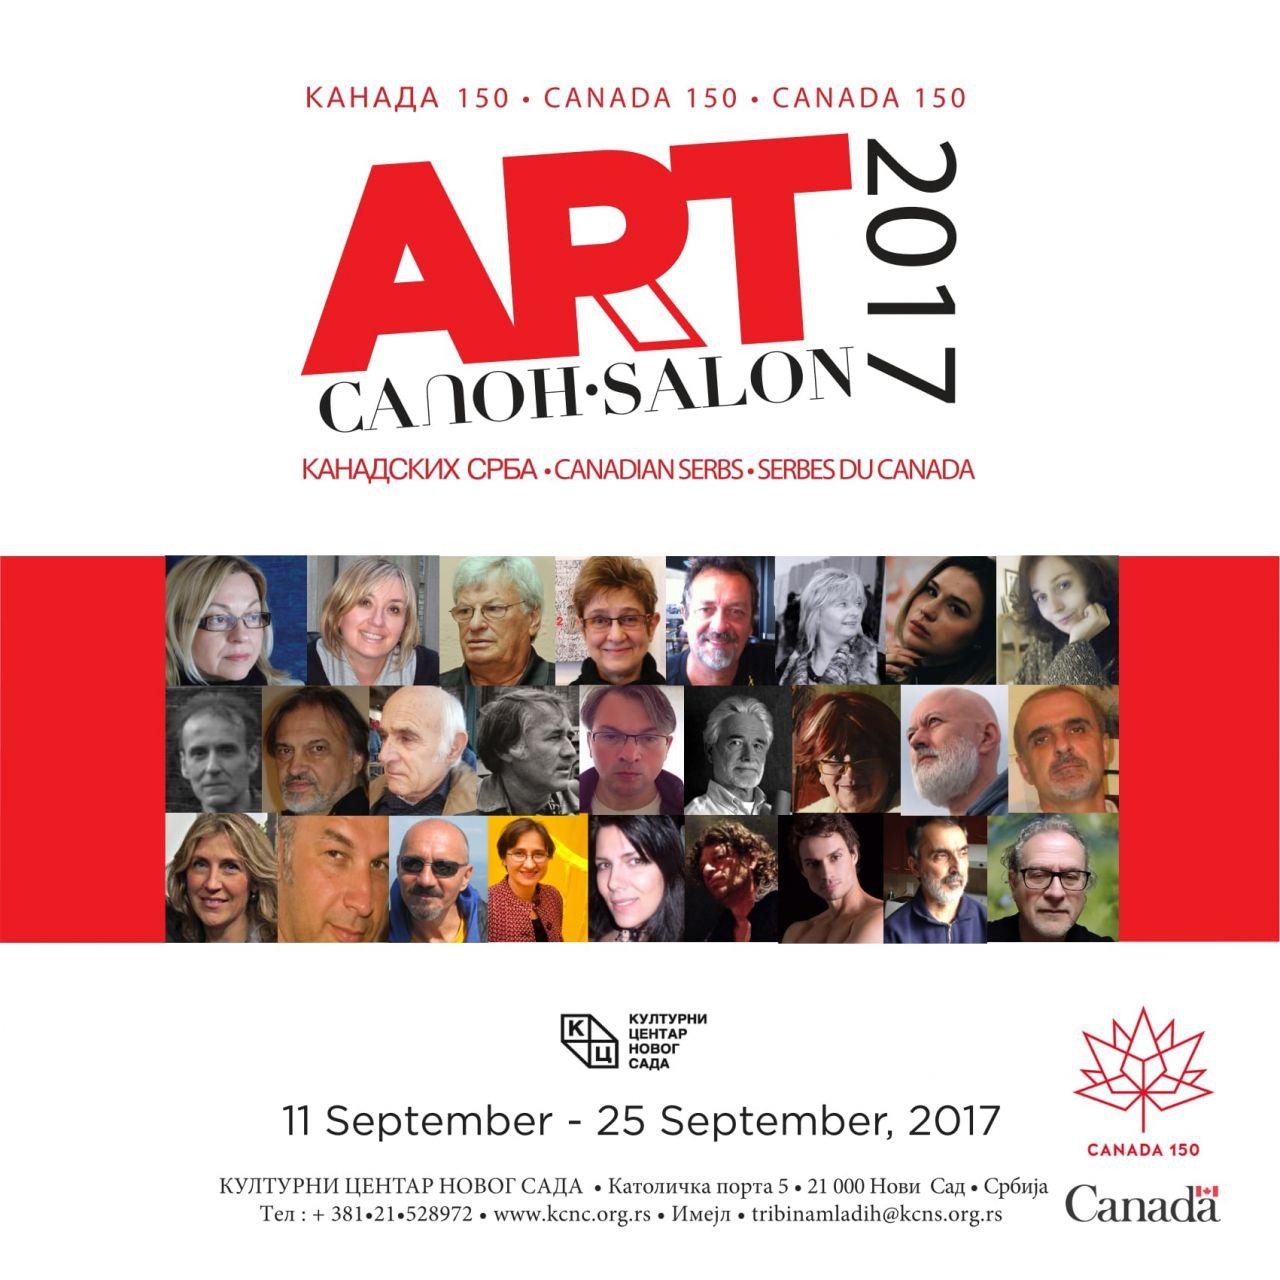 Art salon 2017 canadian serbs for Salon du canada